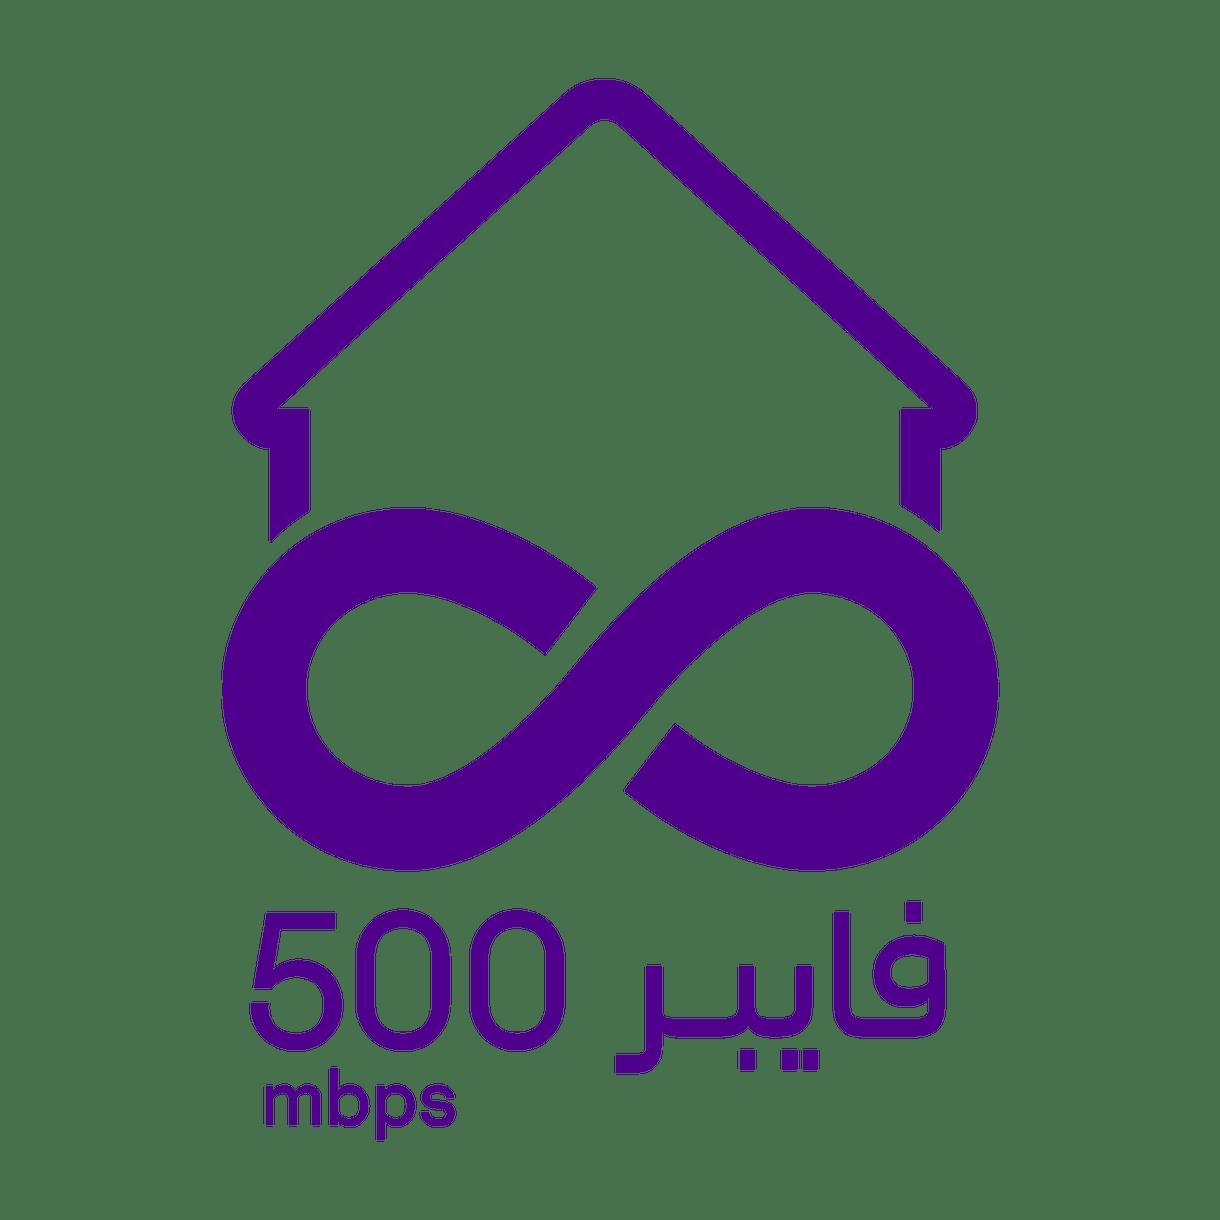 عروض اسعار الألياف البصرية لكافة شركات الاتصالات السعودية Stc Vimeo Logo Tech Company Logos Company Logo